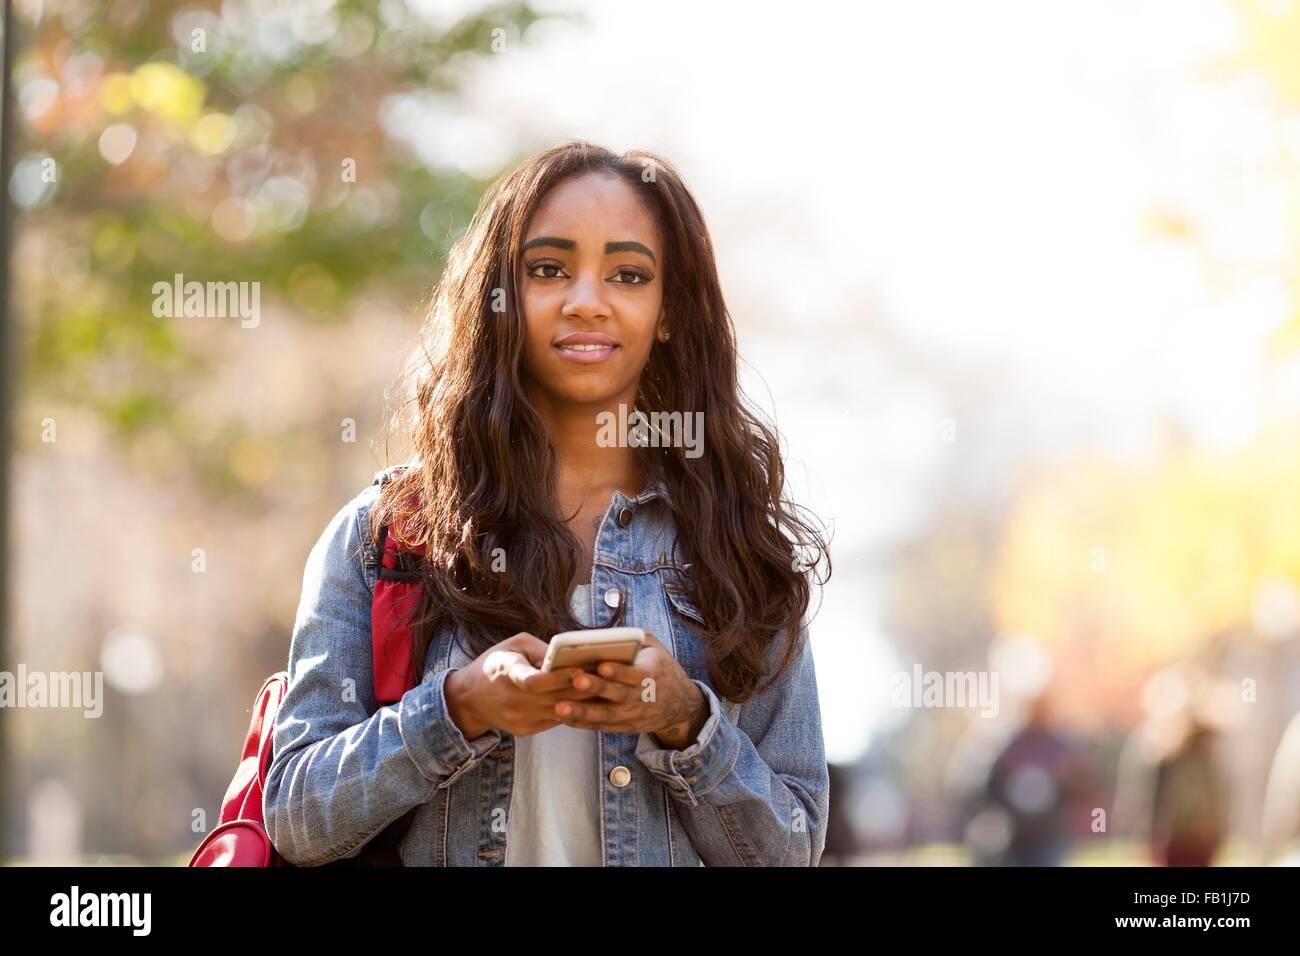 Jeune femme aux longs cheveux bruns portant veste denim holding smartphone à l'écart smiling Photo Stock